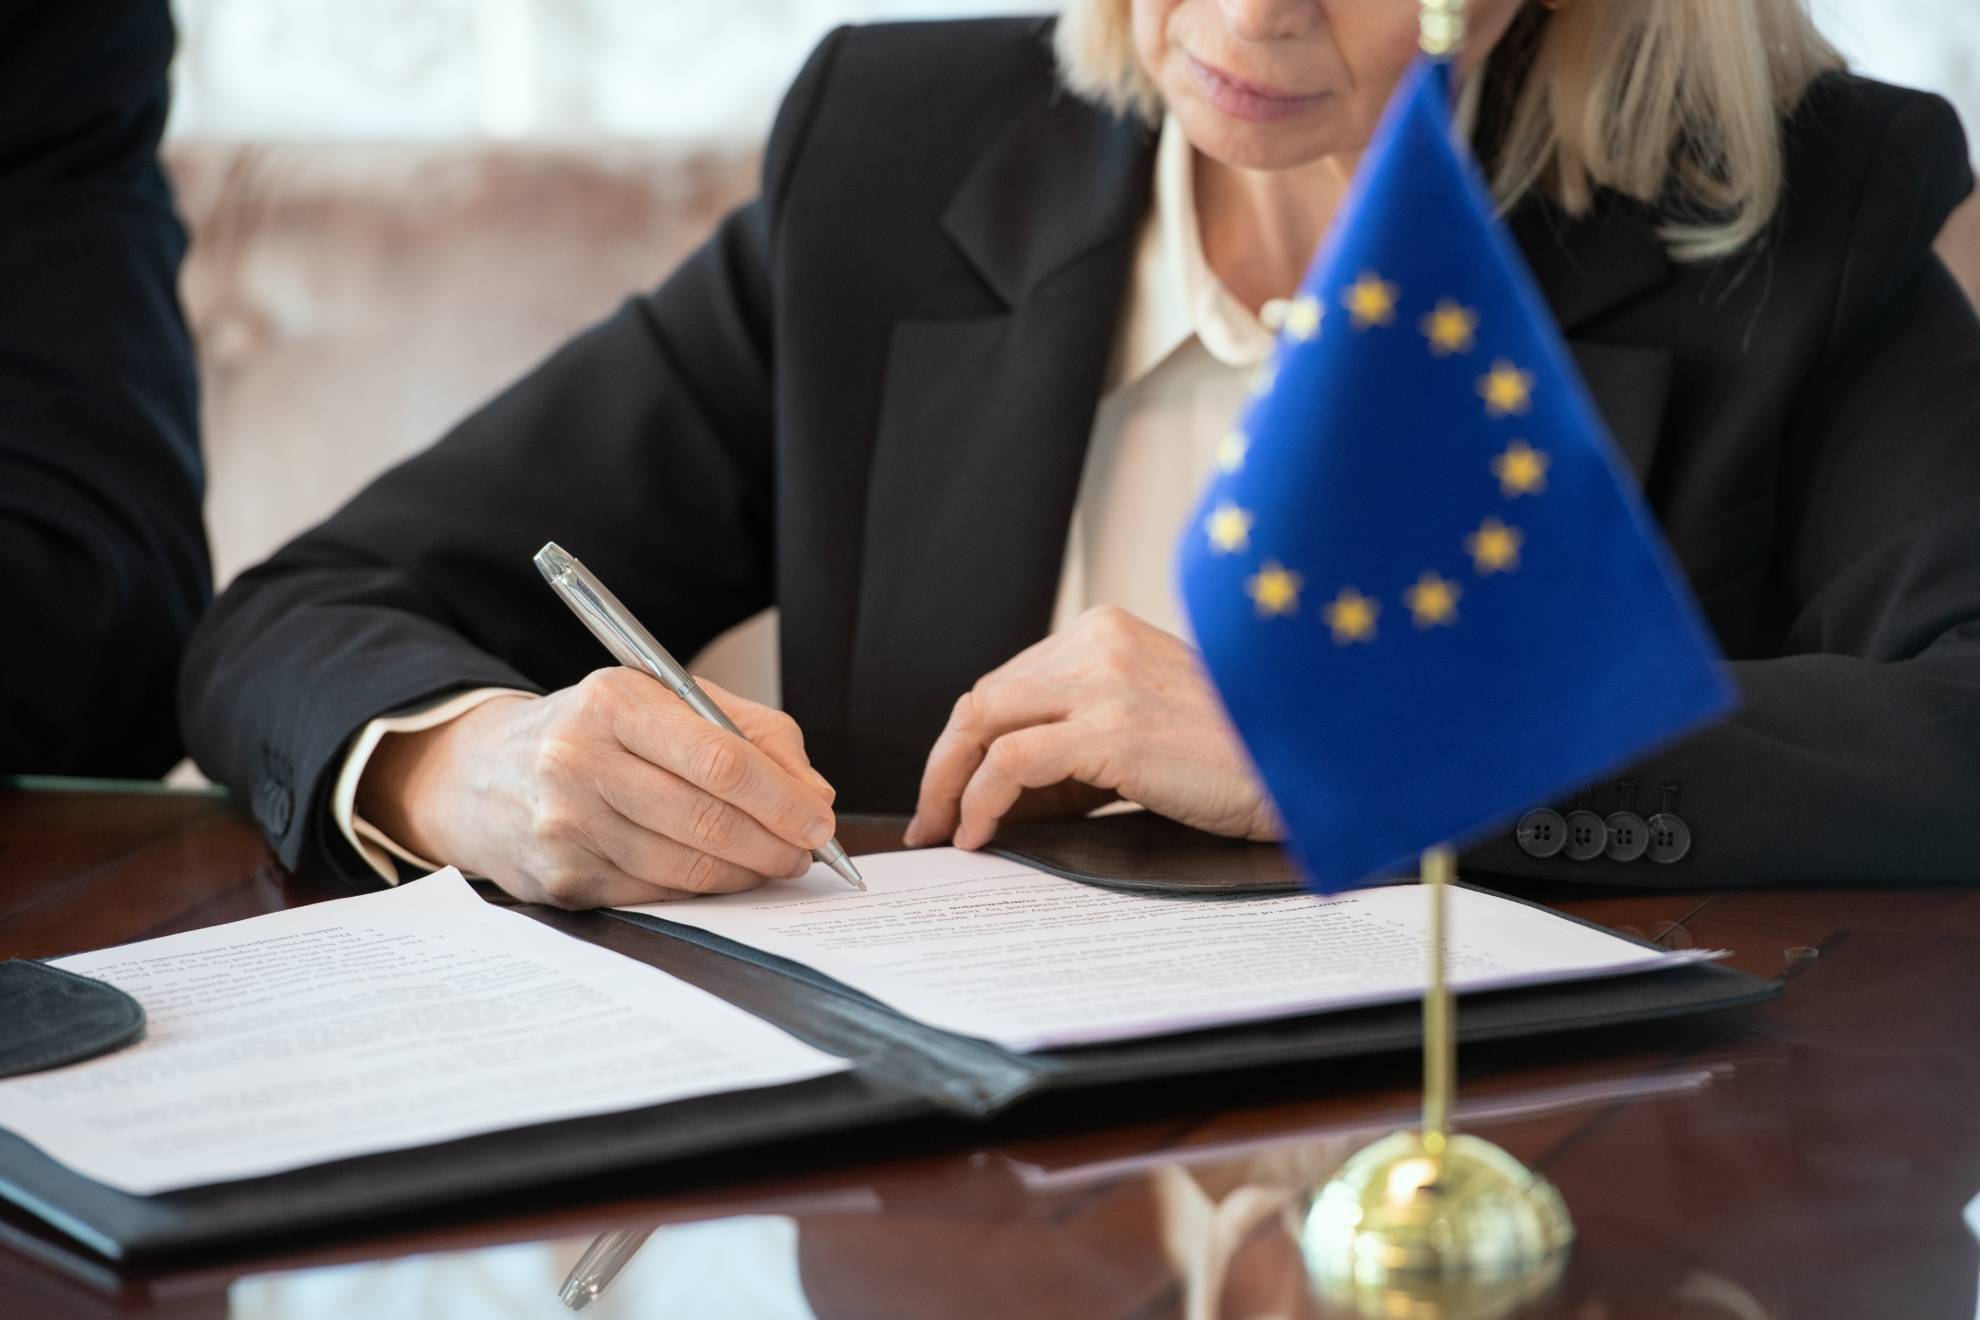 flag-of-european-union-on-table-against-mature-fem-EWKTE5E (1)